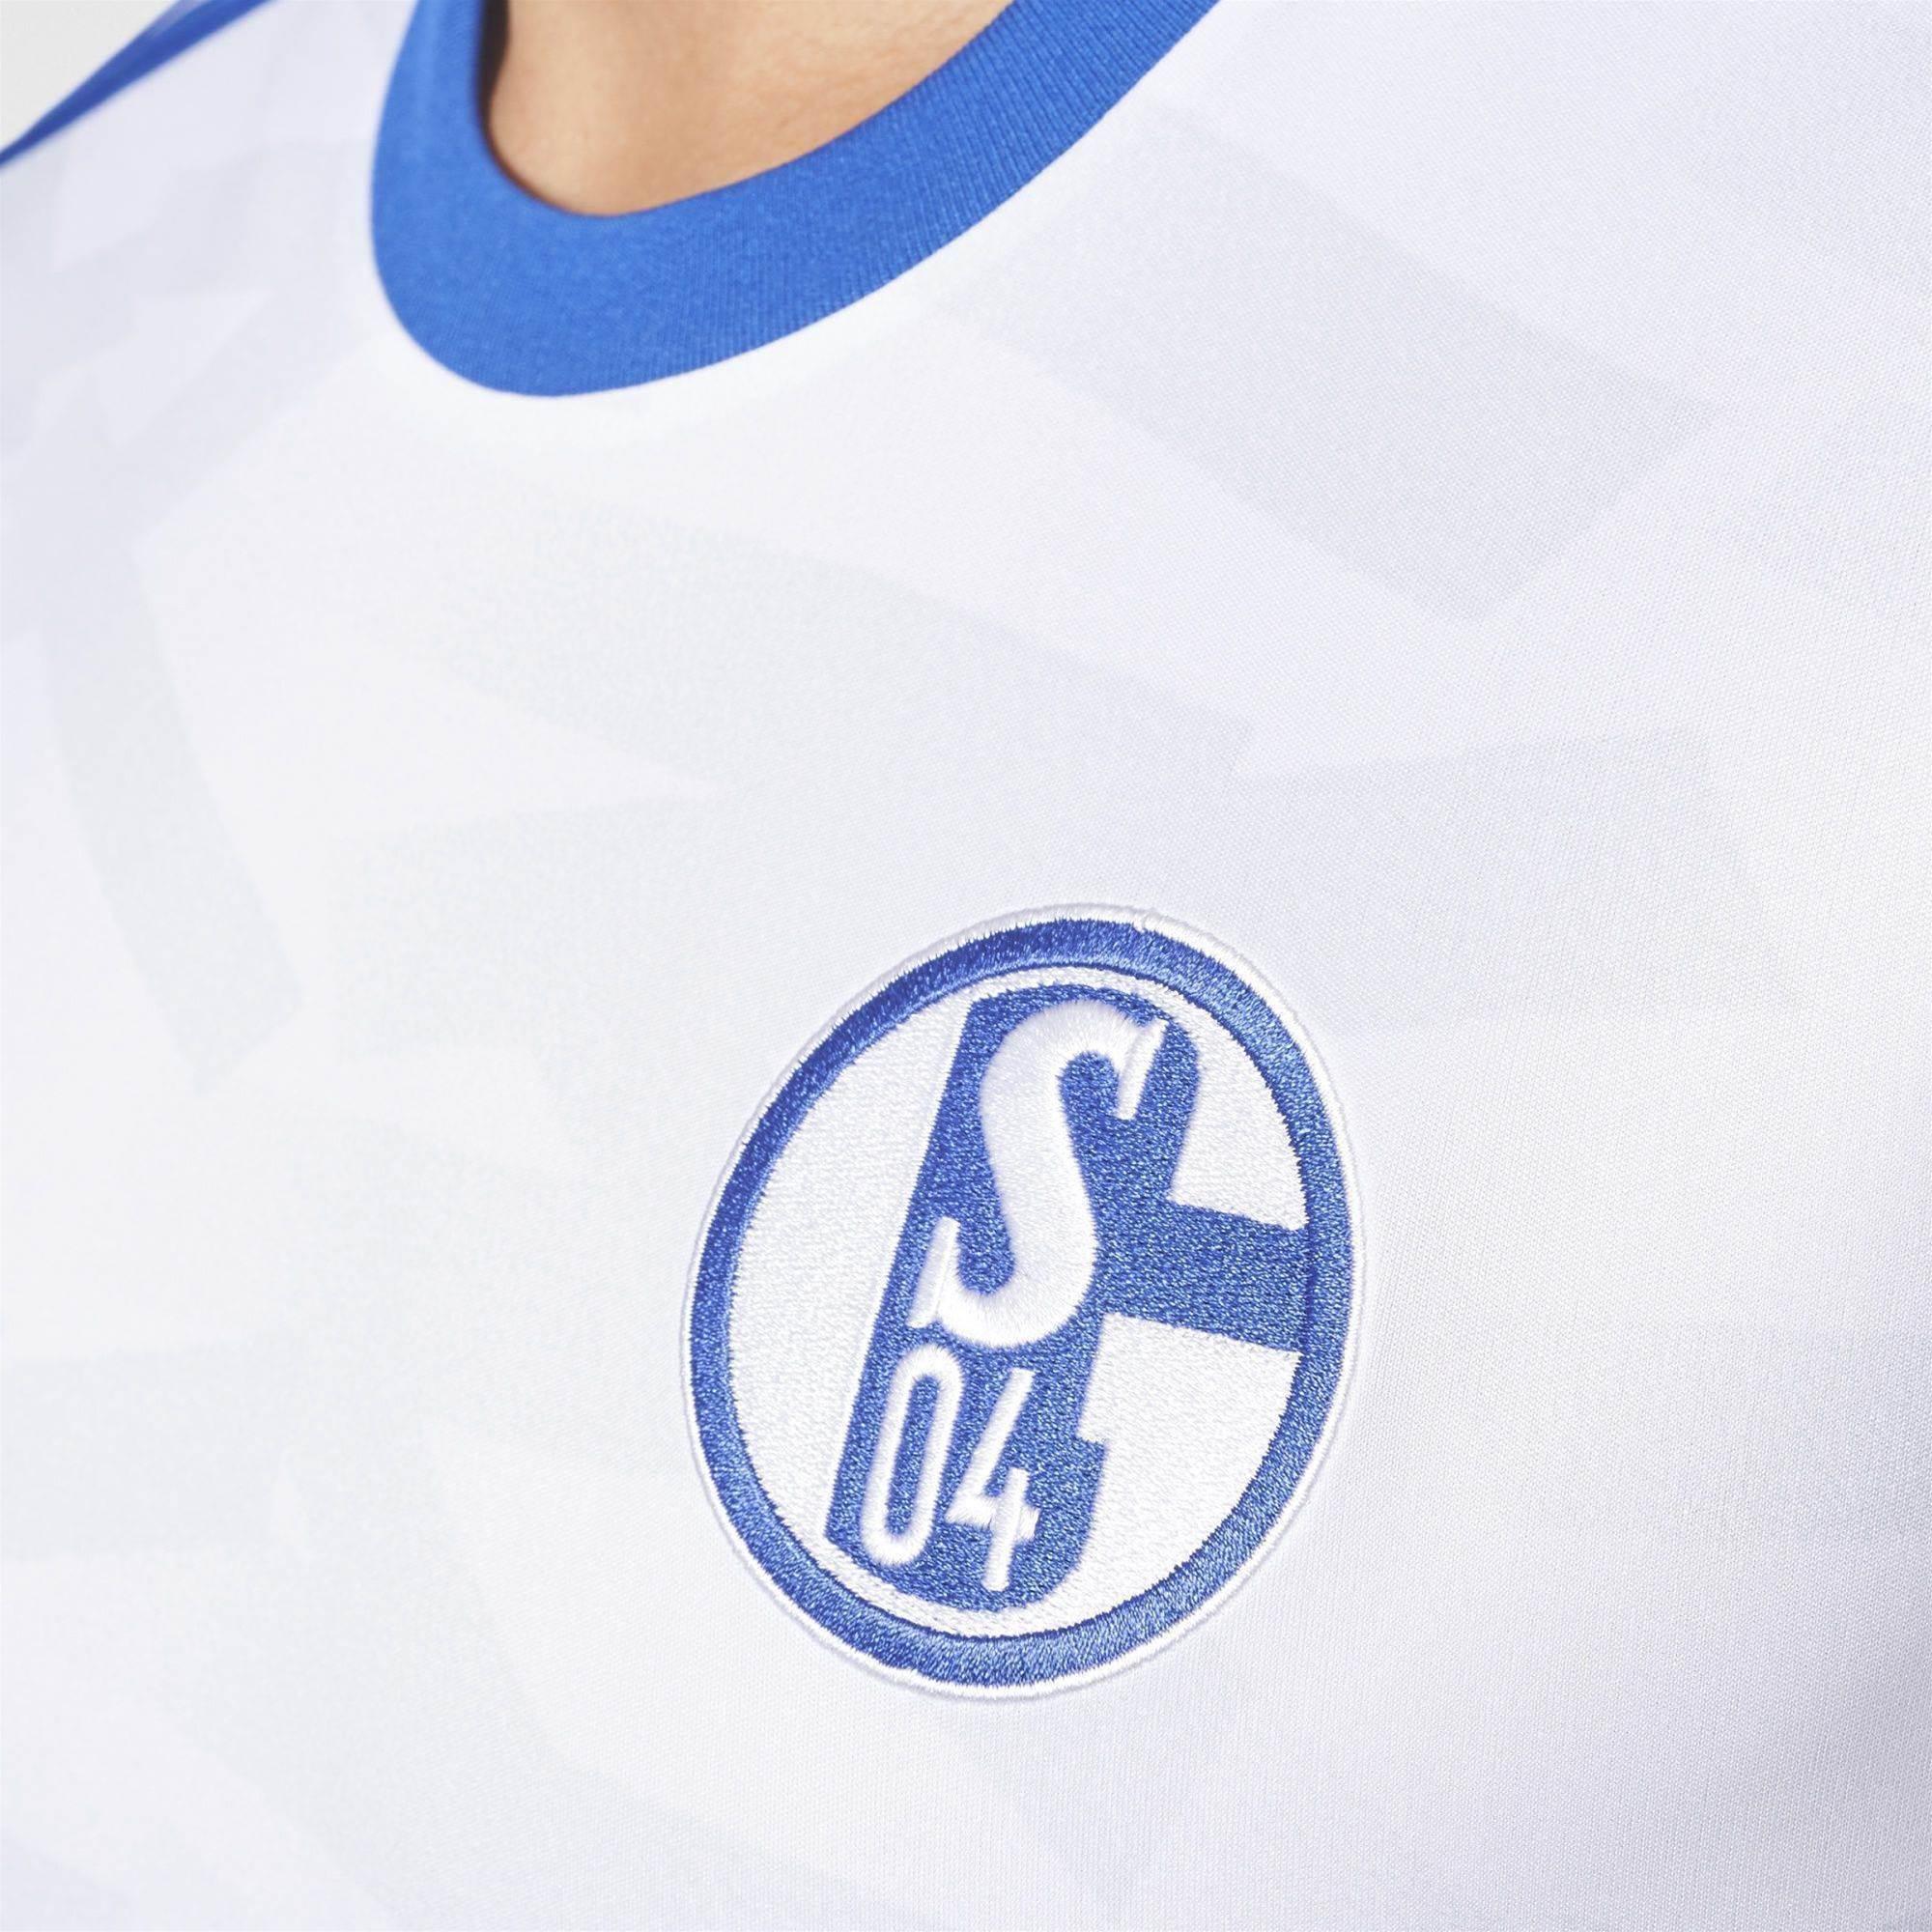 Gallery: Schalke 04's away kit released